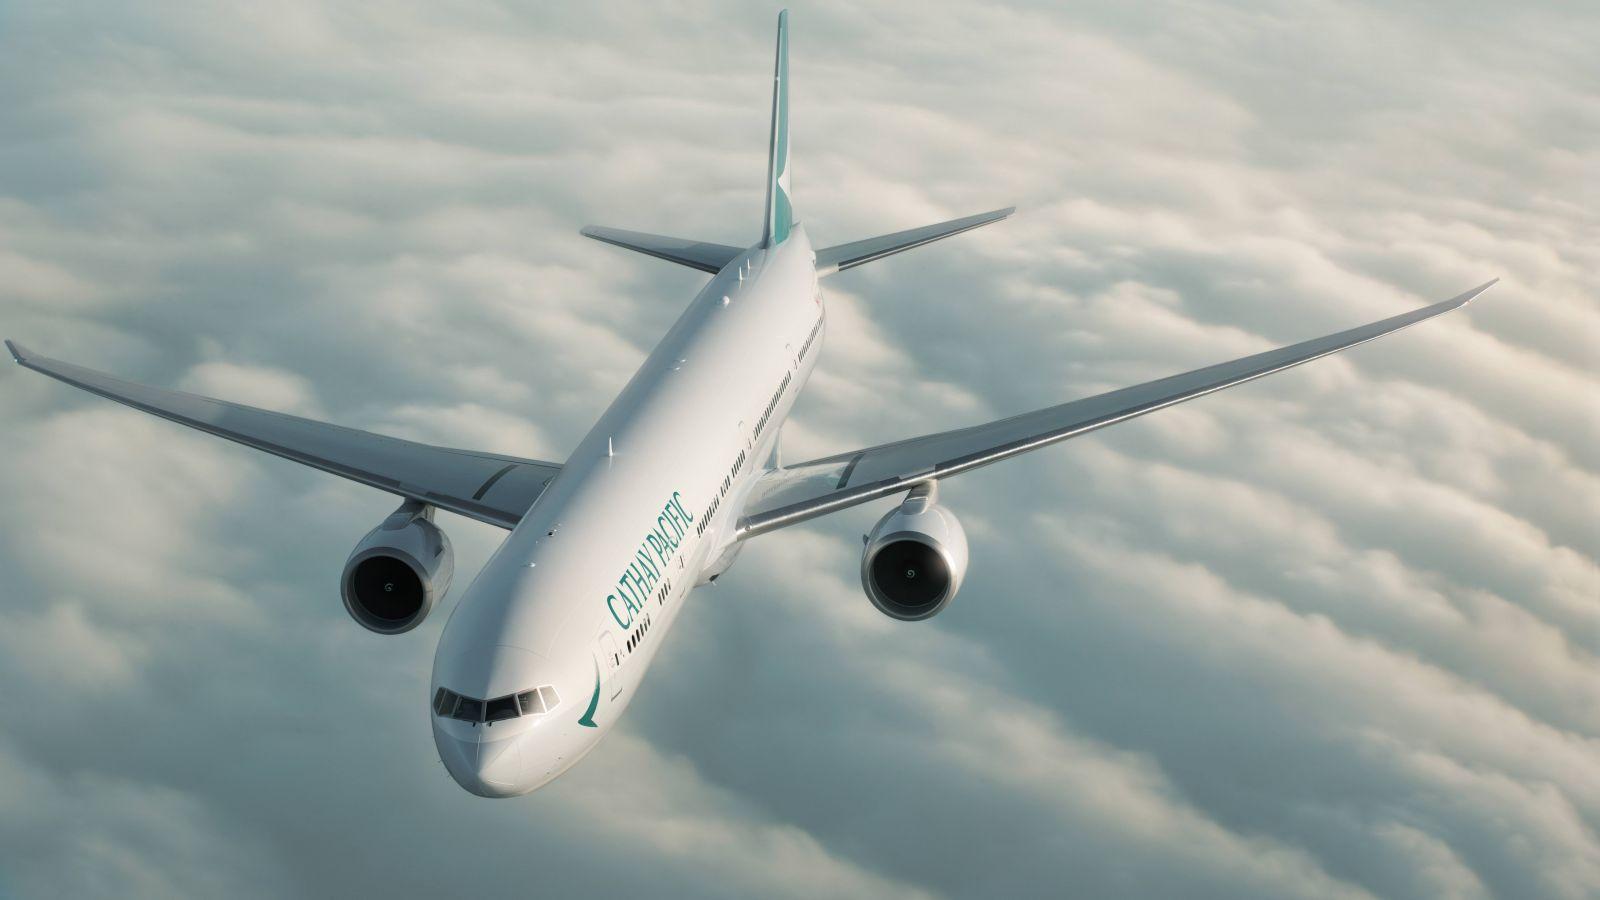 Cathay Pacific ưu đãi vé máy bay đi Mỹ khi đặt vé trực tiếp từ website, click để xem chi tiết